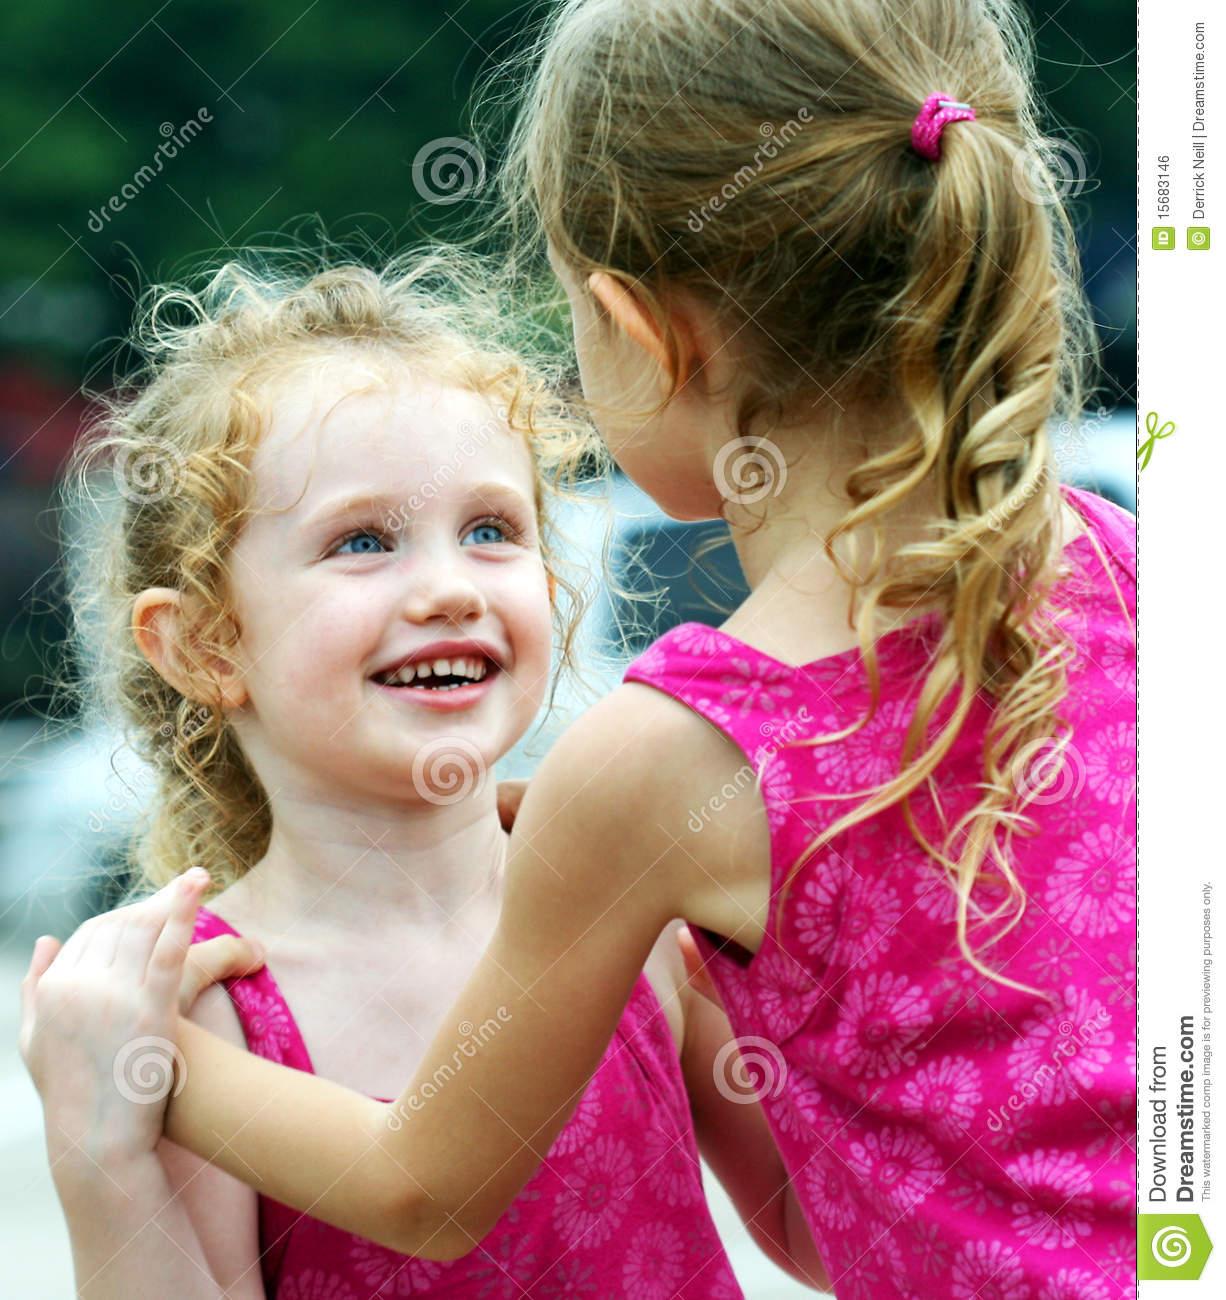 Una niña sonríe Adoringly en su hermana